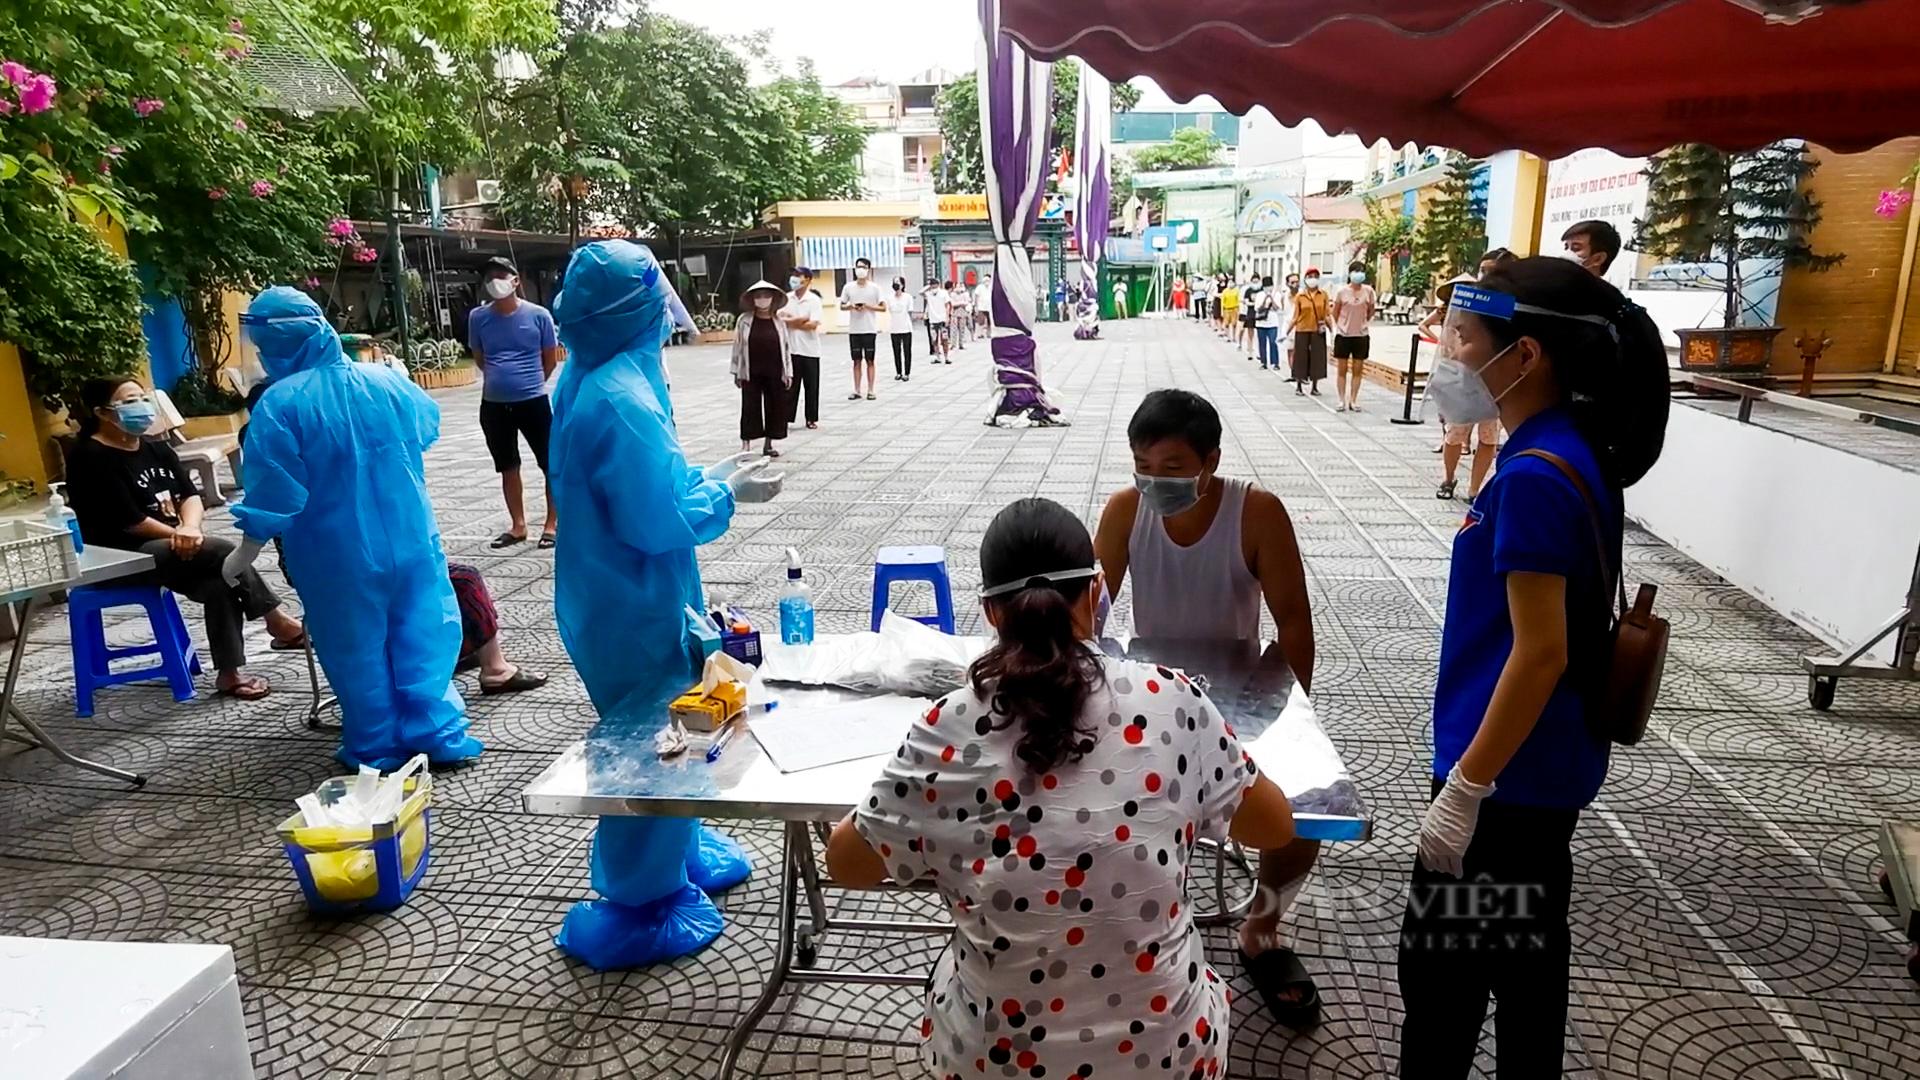 Hà Nội: Bên trong vùng cách ly y tế diện rộng ở phường Giáp Bát  - Ảnh 7.